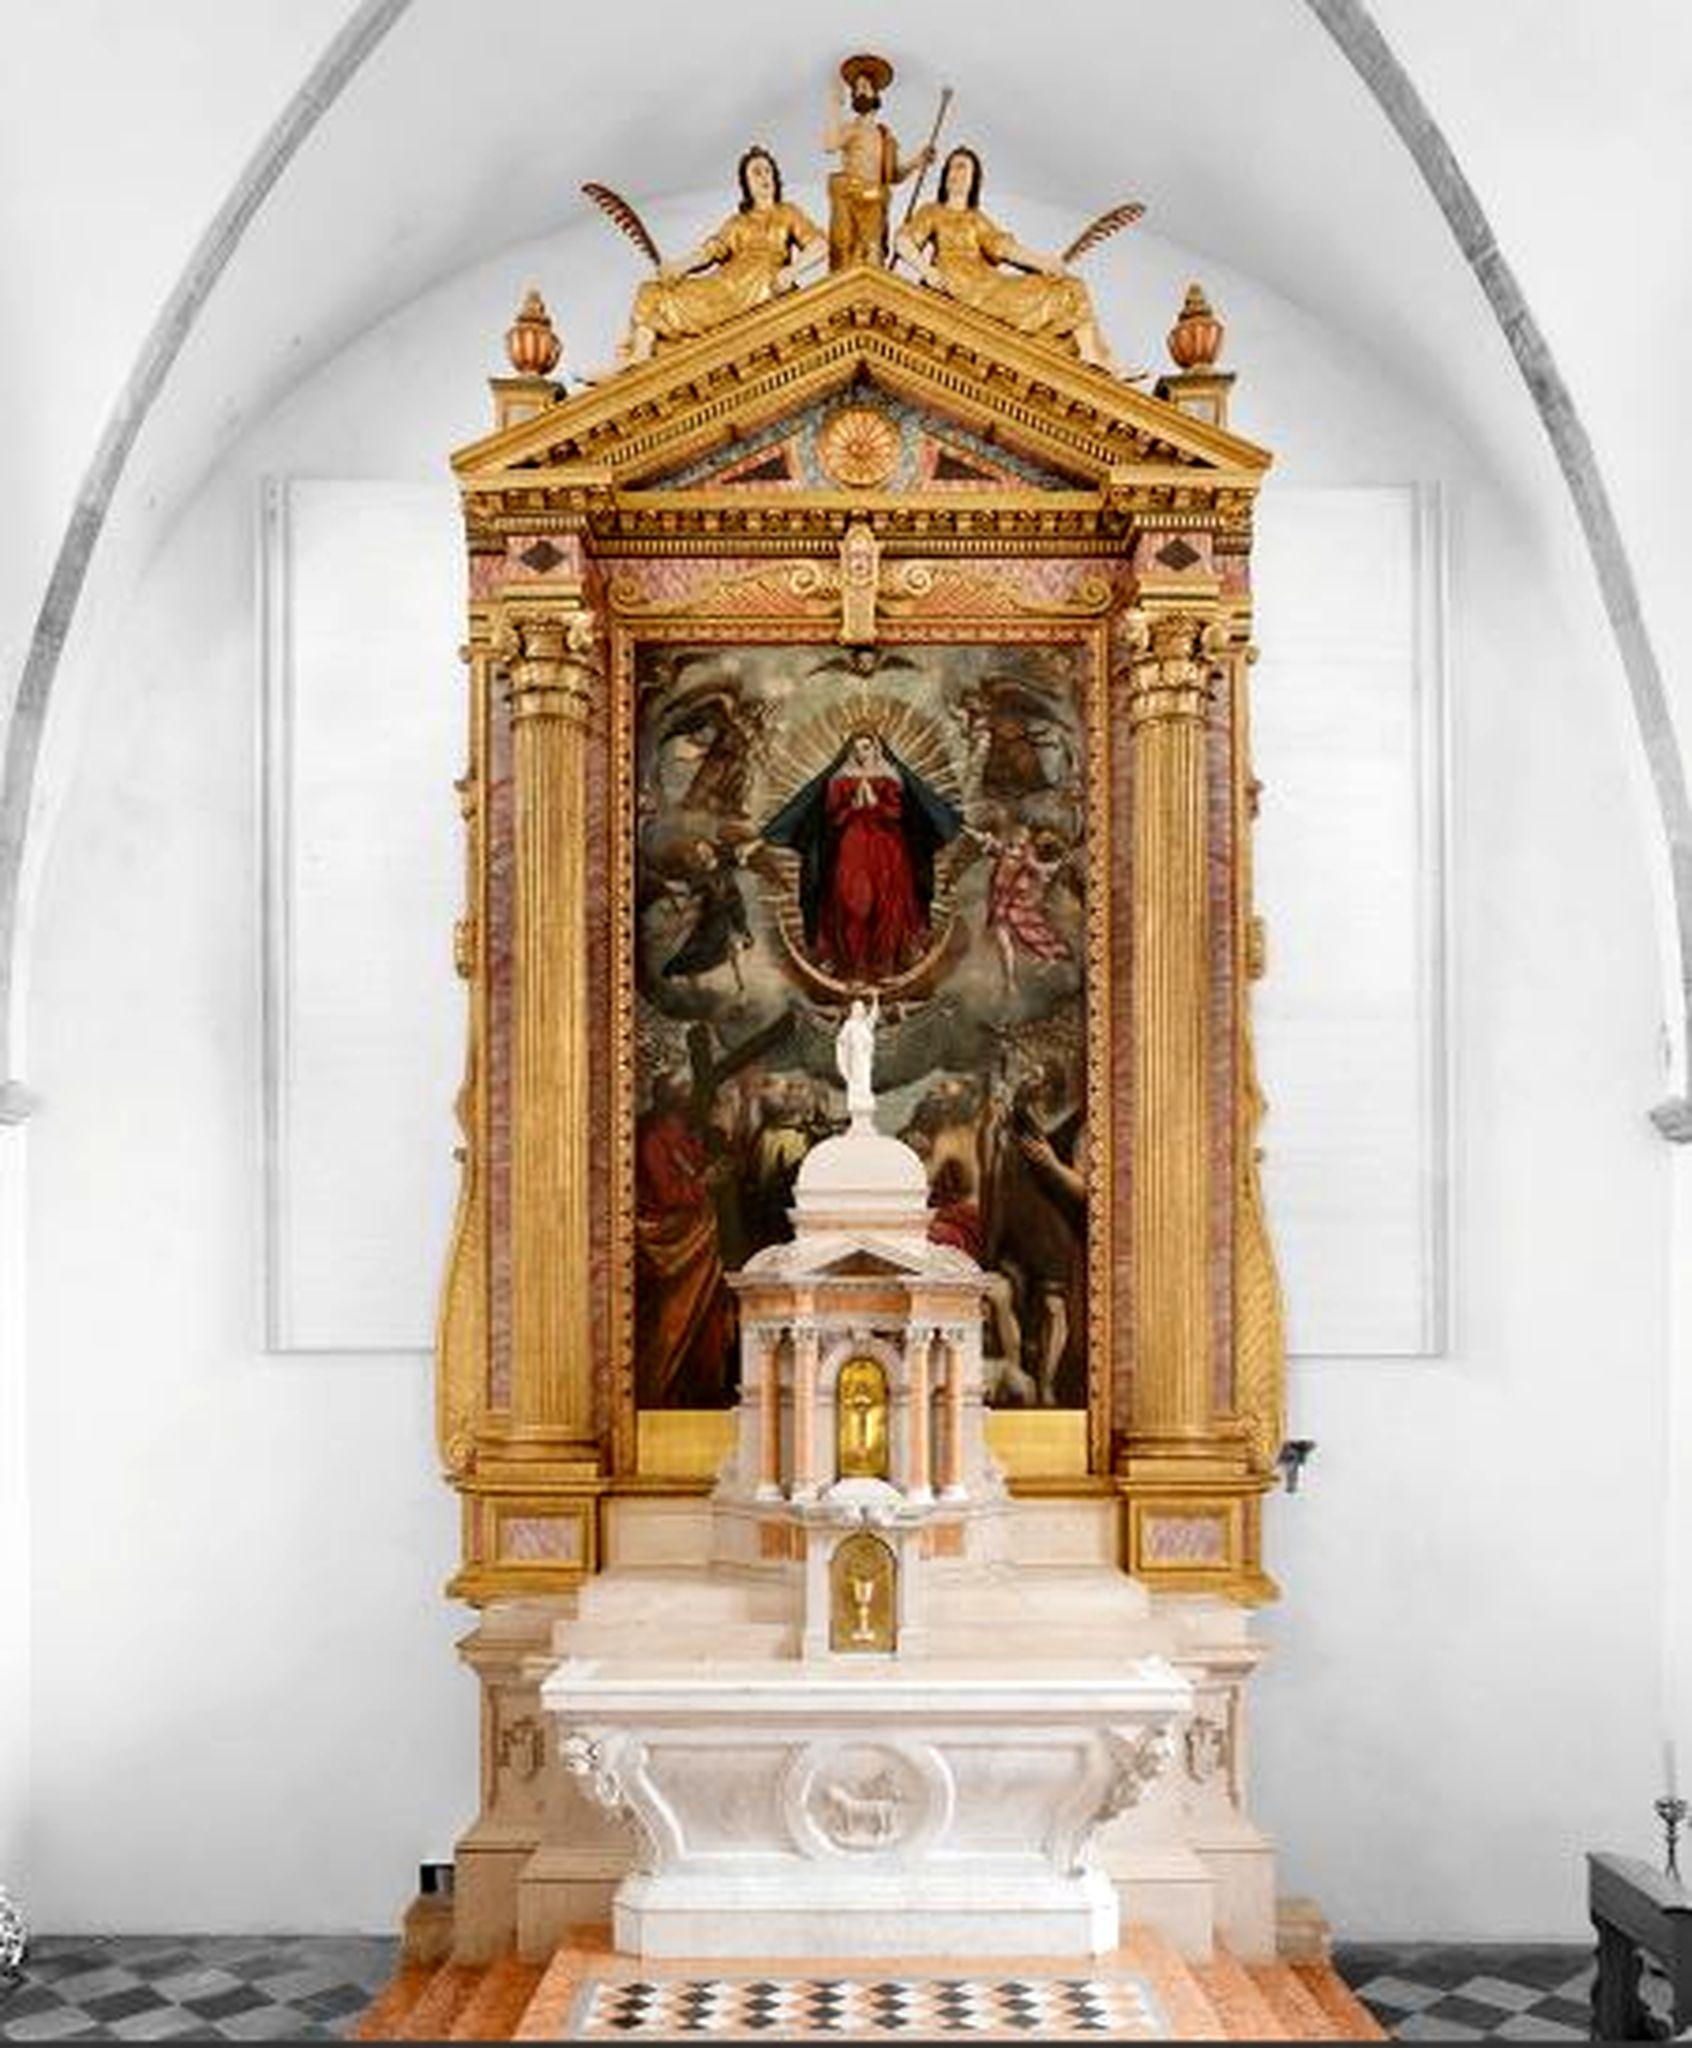 Obnovljeni središnji dio glavnog oltara u vrbničkoj župnoj crkvi Uznesenja Blažene Djevice Marije / Snimio Mladen TRINAJSTIĆ